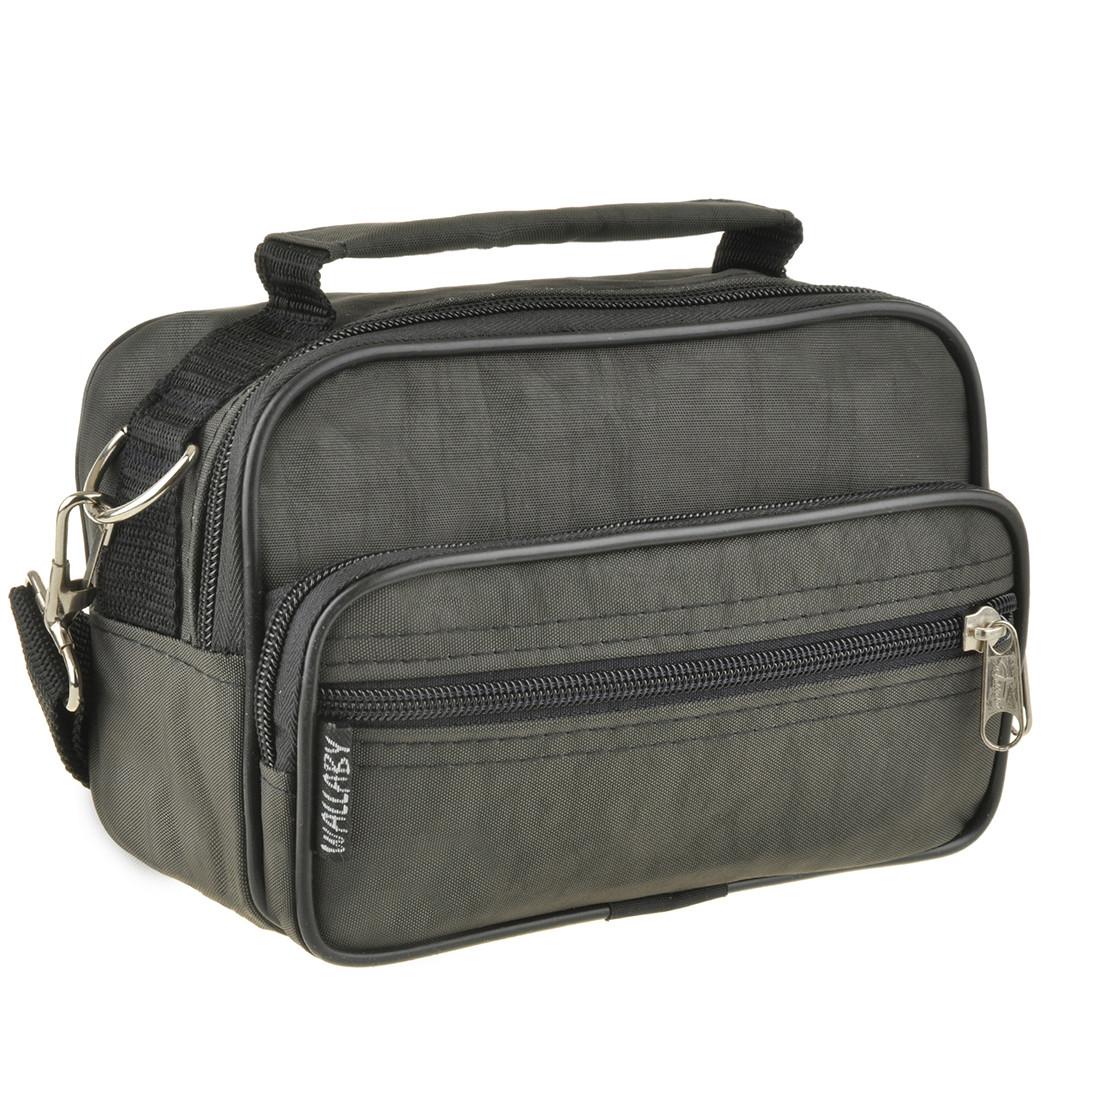 Мужская сумка-барсетка Wallaby ткань кринкл хаки 18х13х8,5   в 2663х